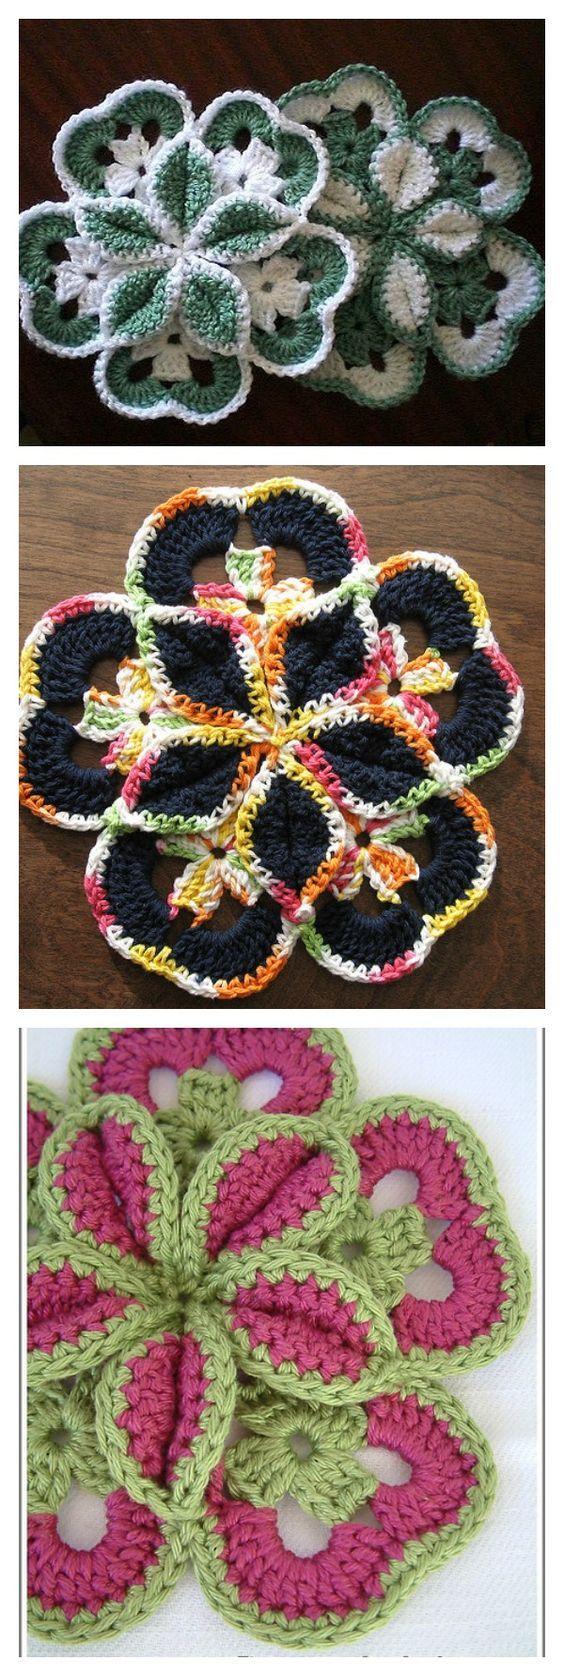 Crochet Flower Starburst Hotpad Free Pattern | Crochet flowers, Free ...